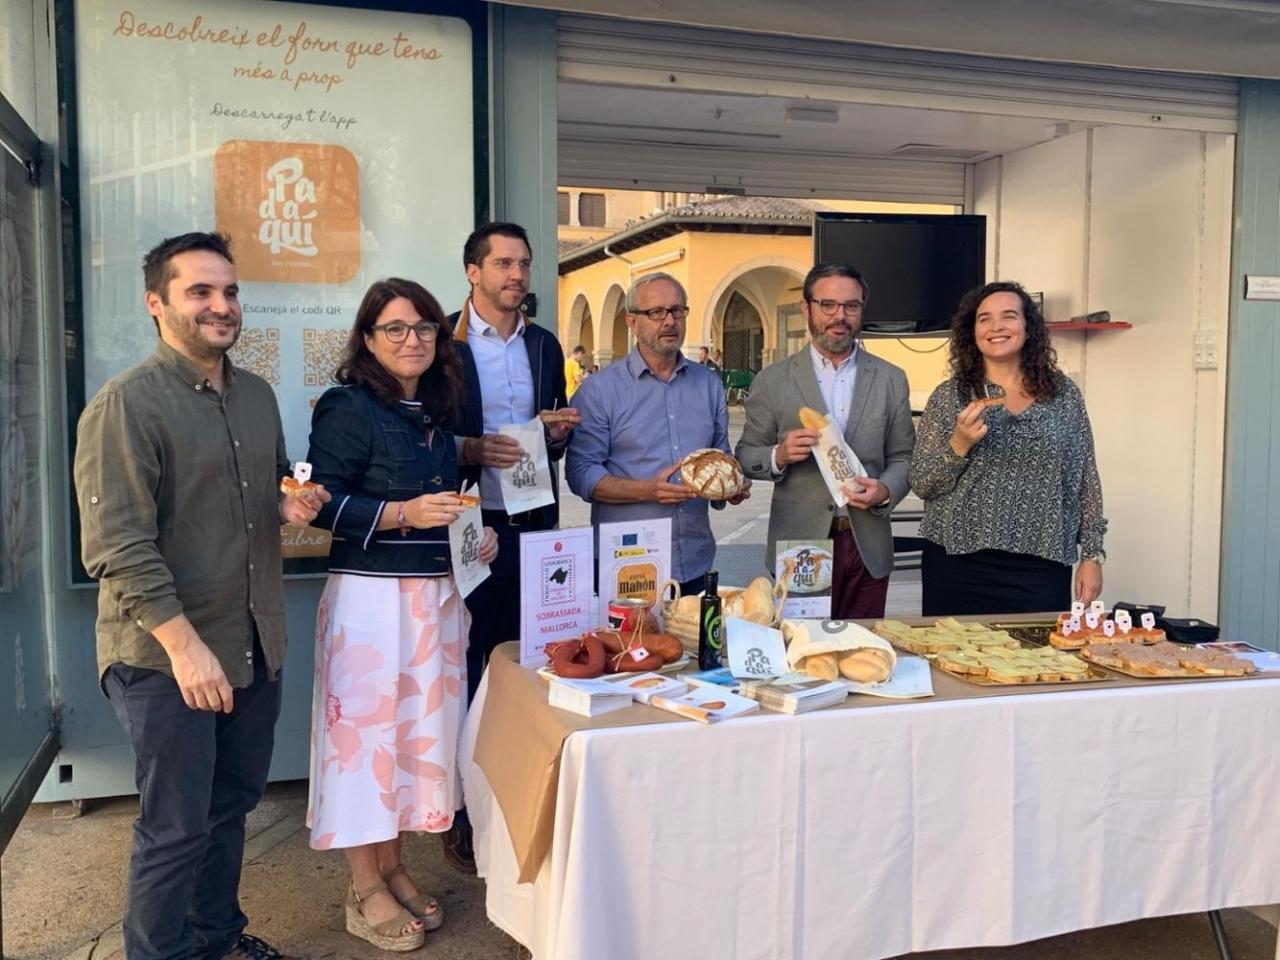 Degustación de 'Pa d'aquí' y rueda de prensa de presentación de una nueva APP sobre panaderias de Baleares